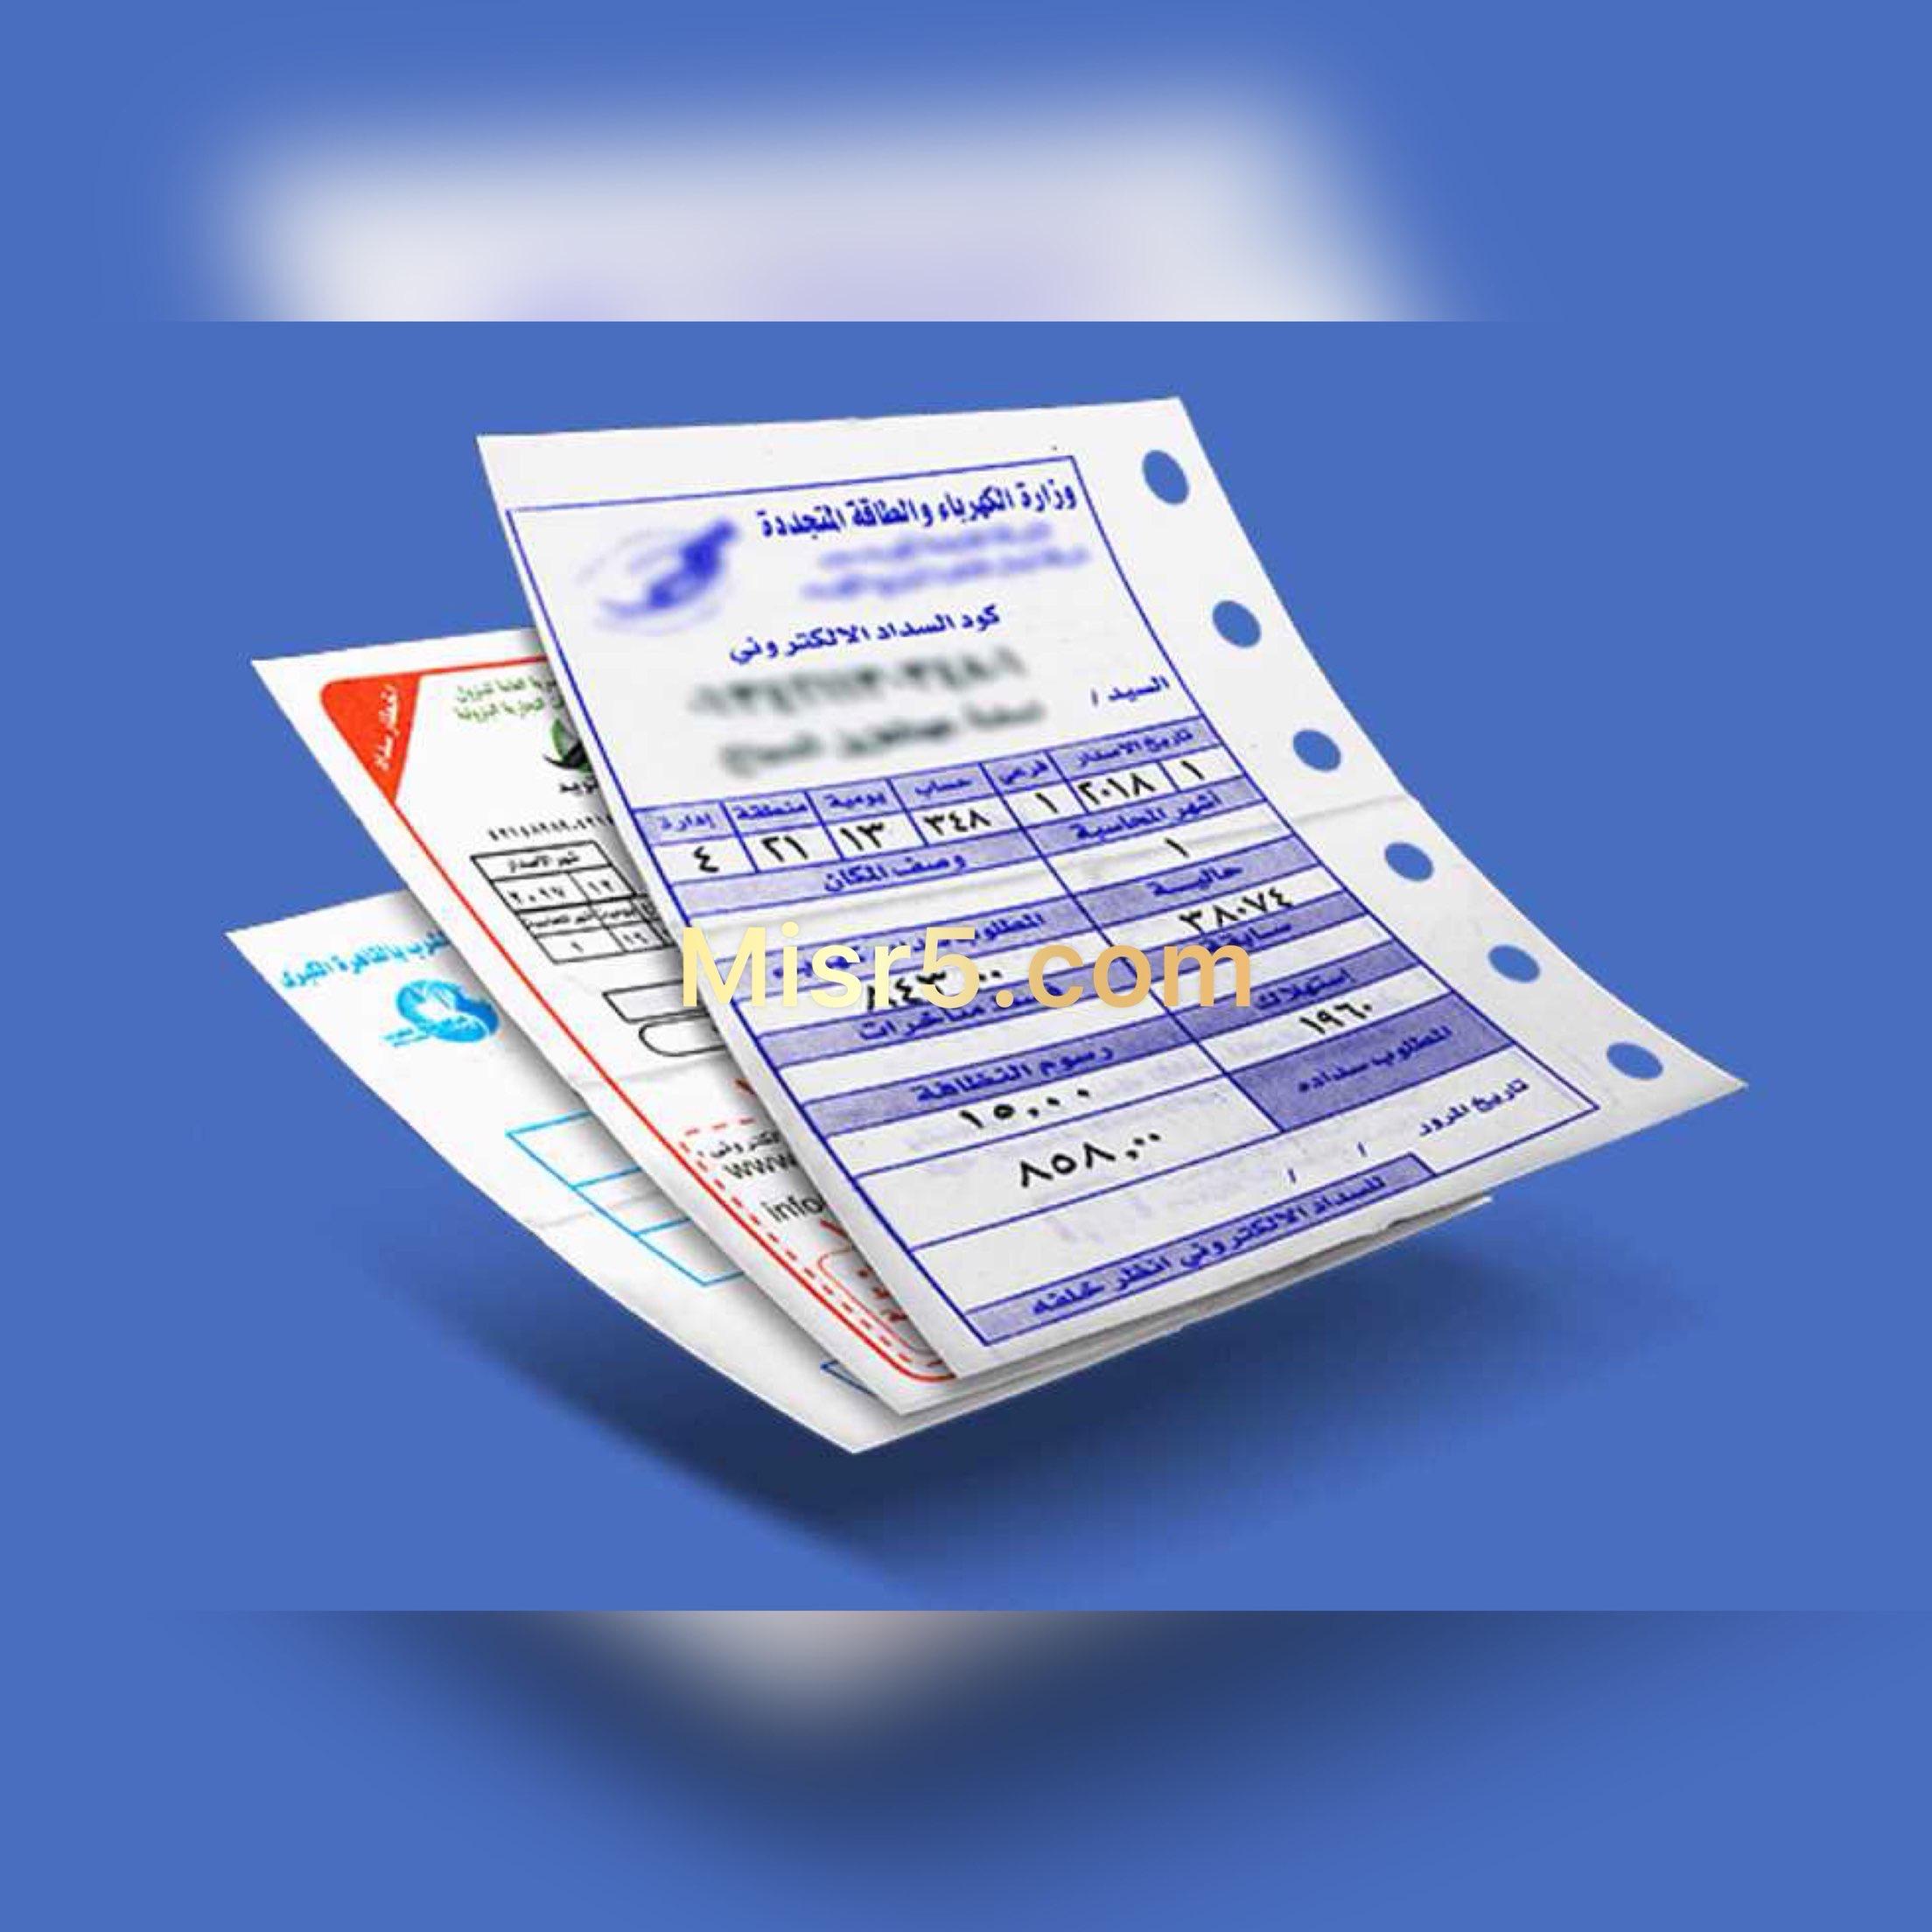 يمكنك الآن إليكترونياً الاستعلام عن فاتورة الكهرباء – المنصة الموحدة لخدمات الكهرباء في مصر